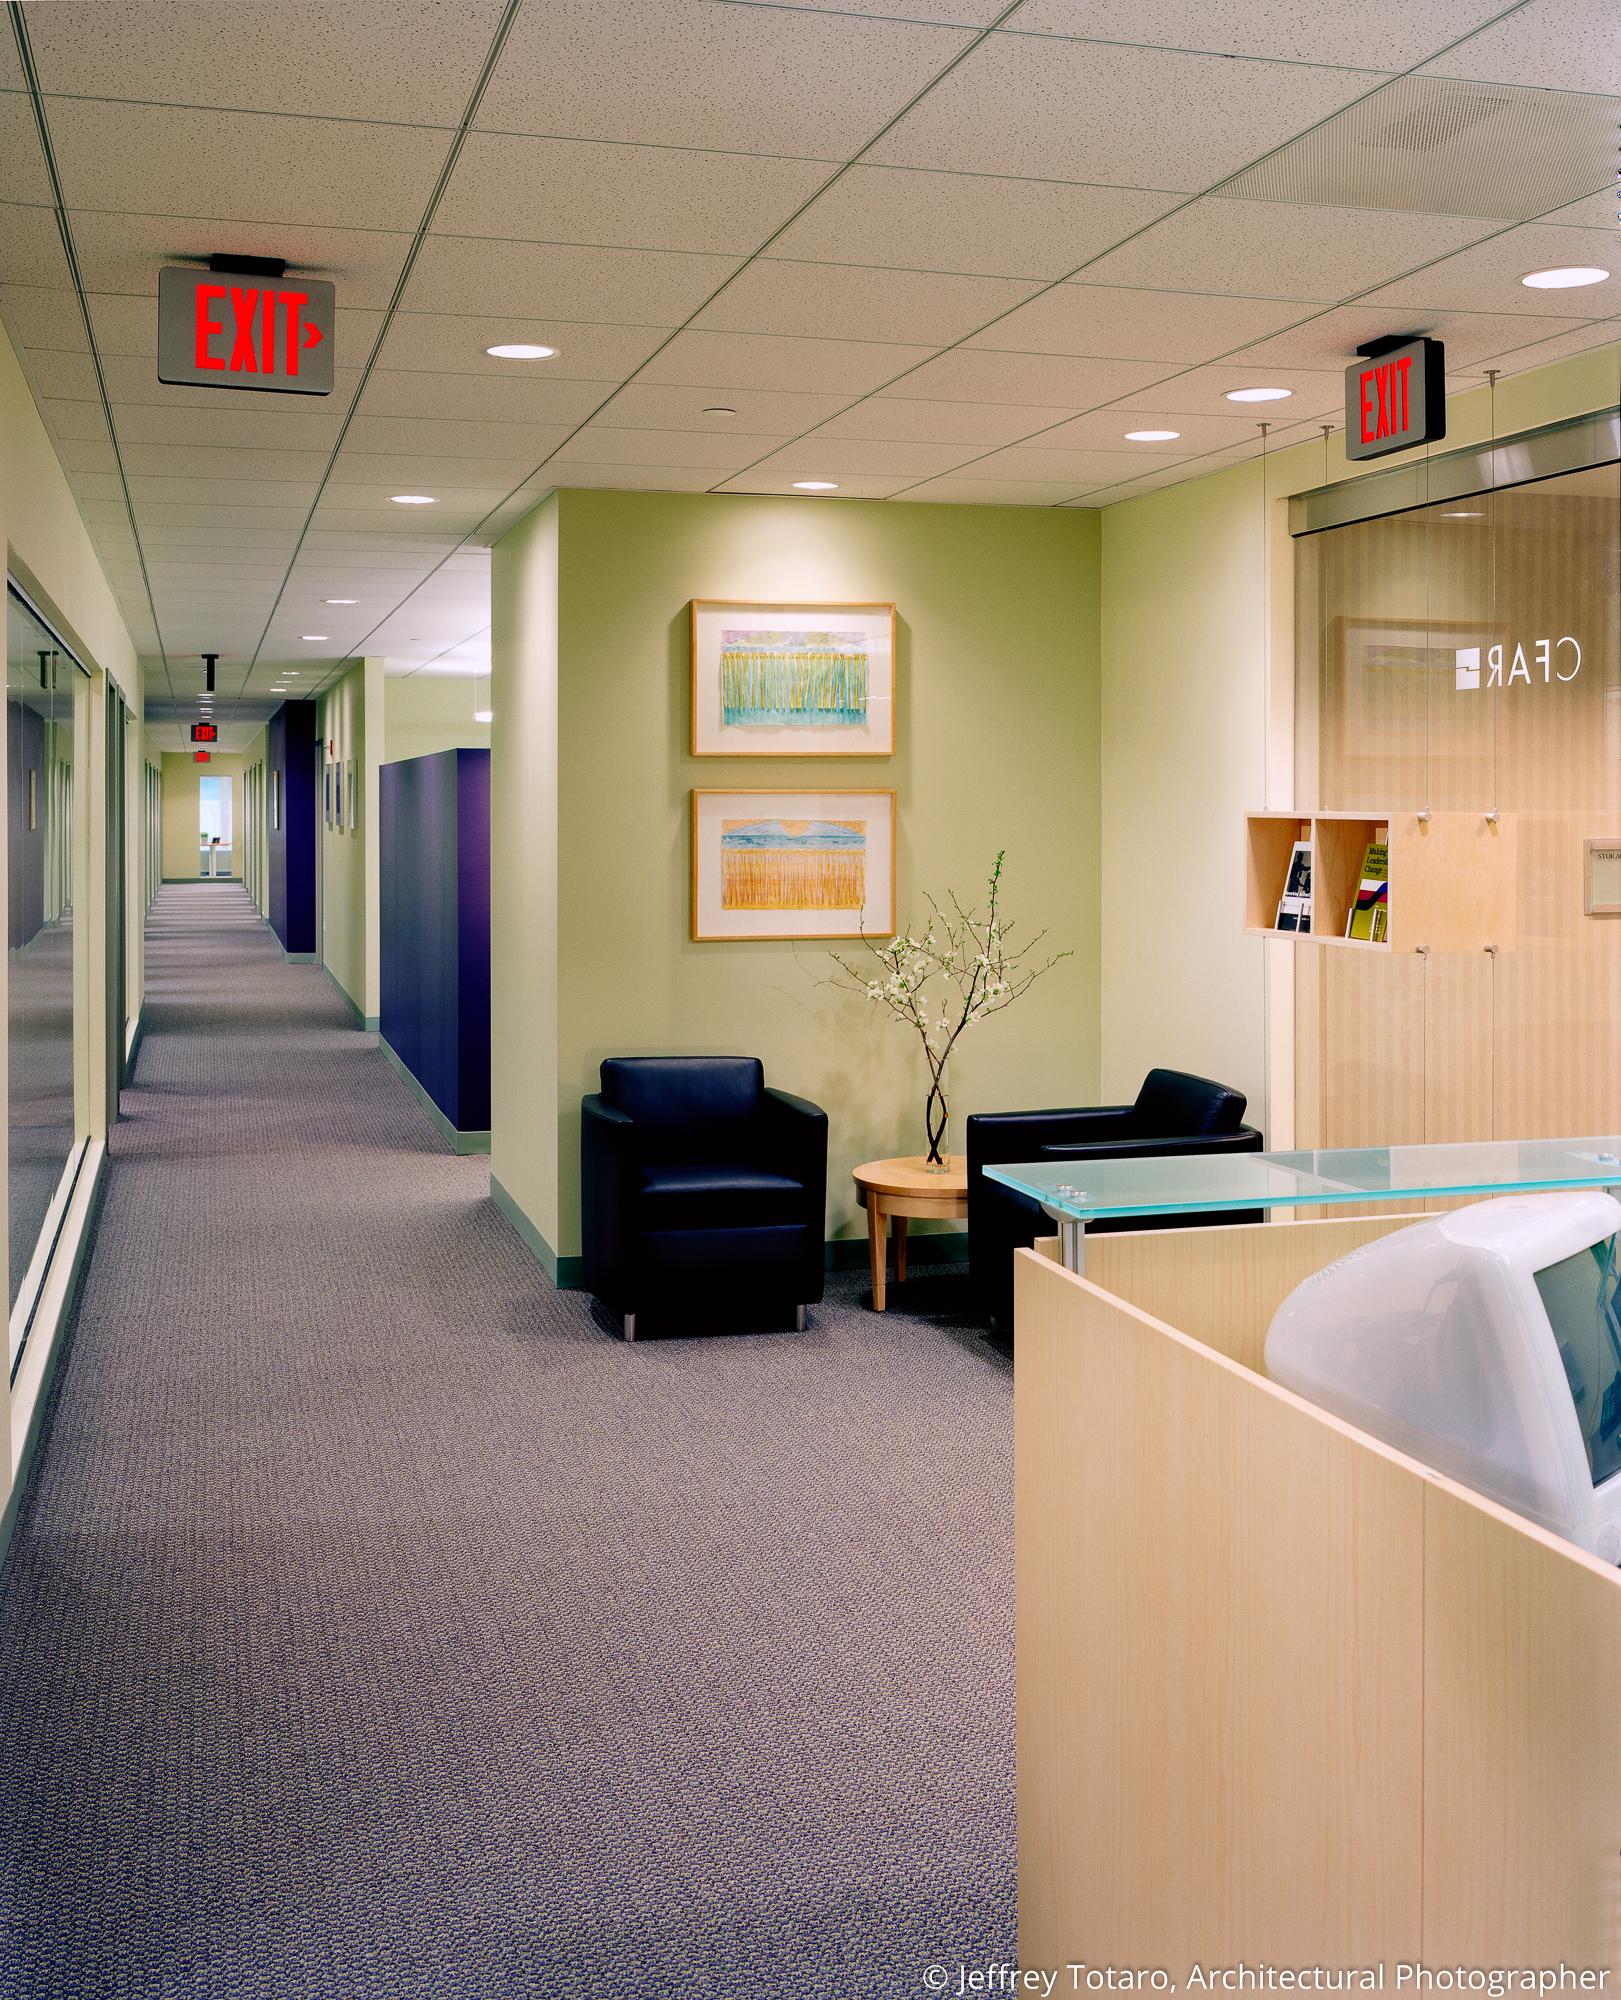 CFAR - Main Lobby